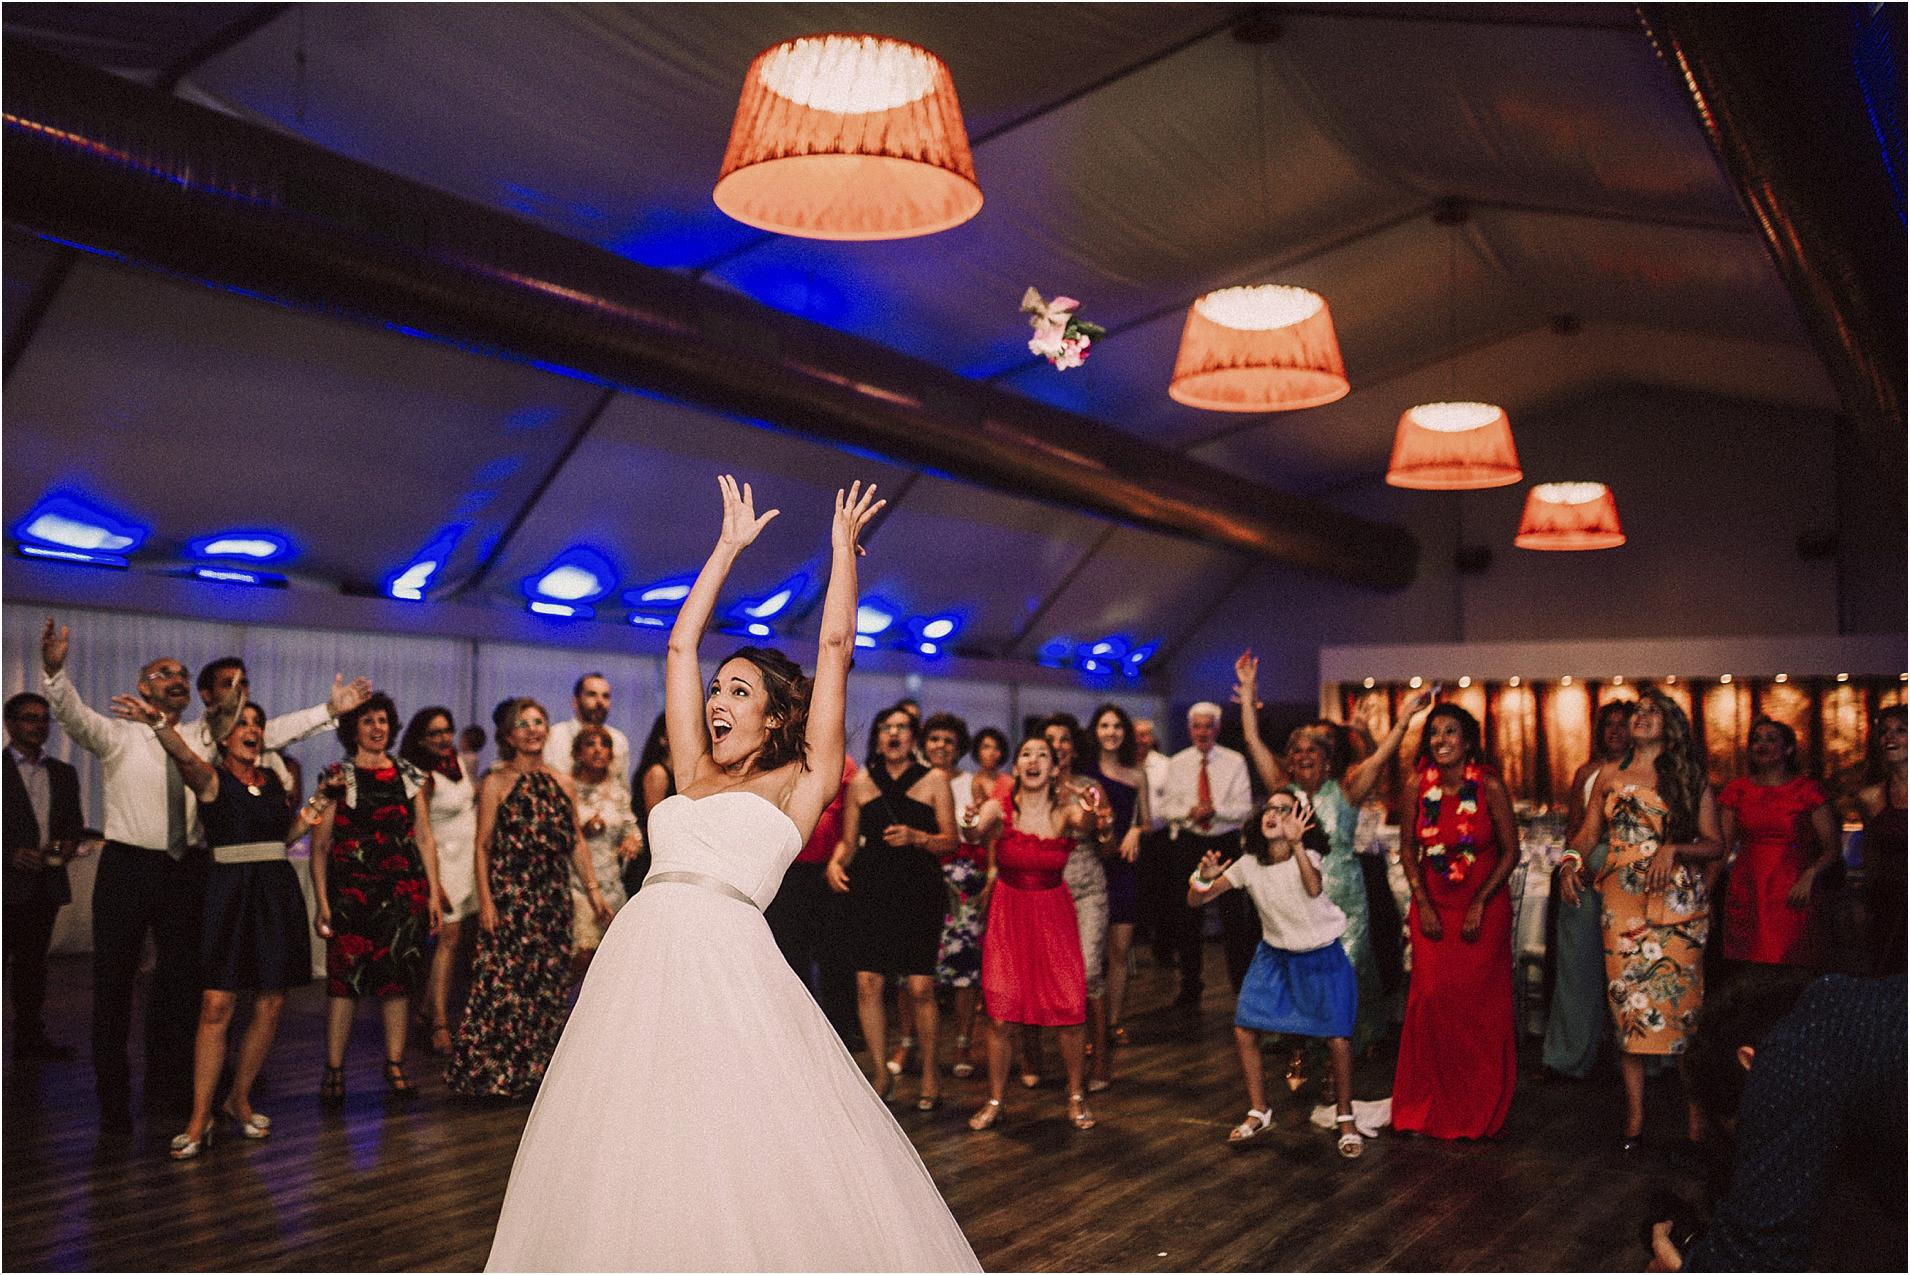 Fotografos-de-boda-donostia-zaragoza-san-sebastian-destination-wedding-photographer-109.jpg